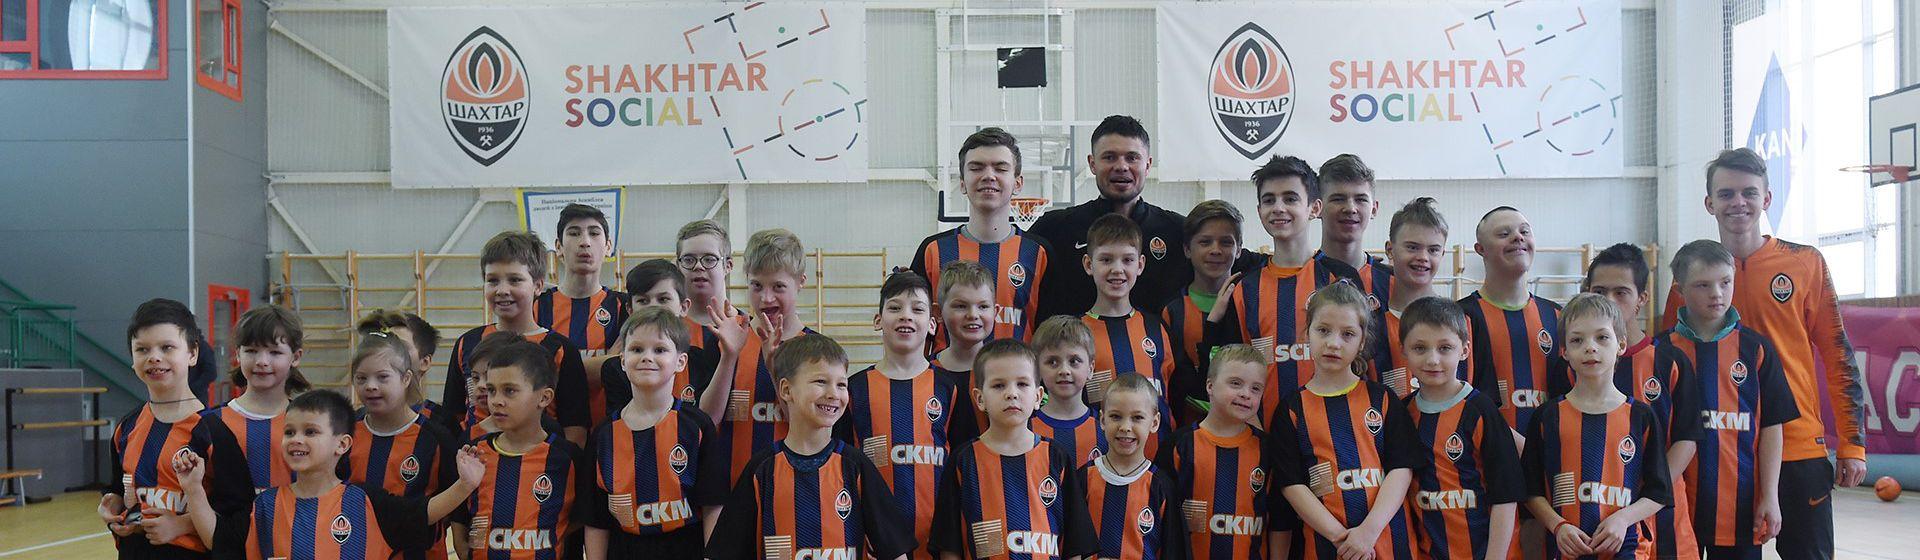 FC Shakhtar Donetsk disabled children banner